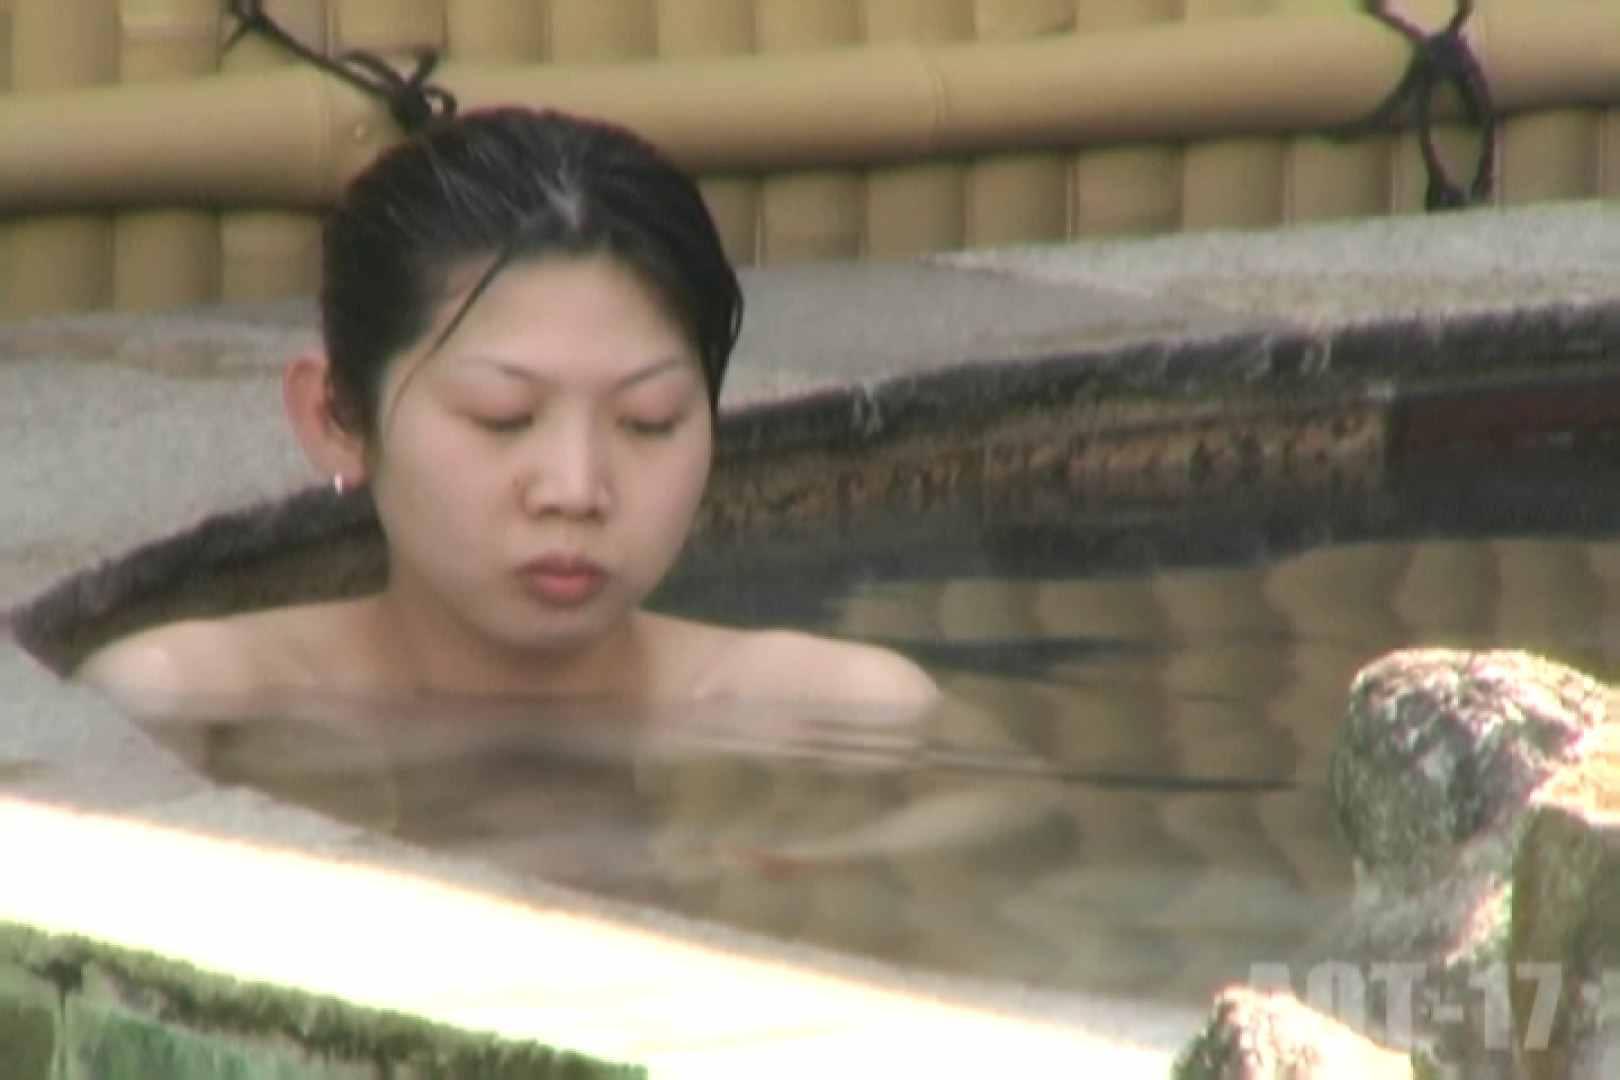 Aquaな露天風呂Vol.850 OLのエロ生活  76連発 75